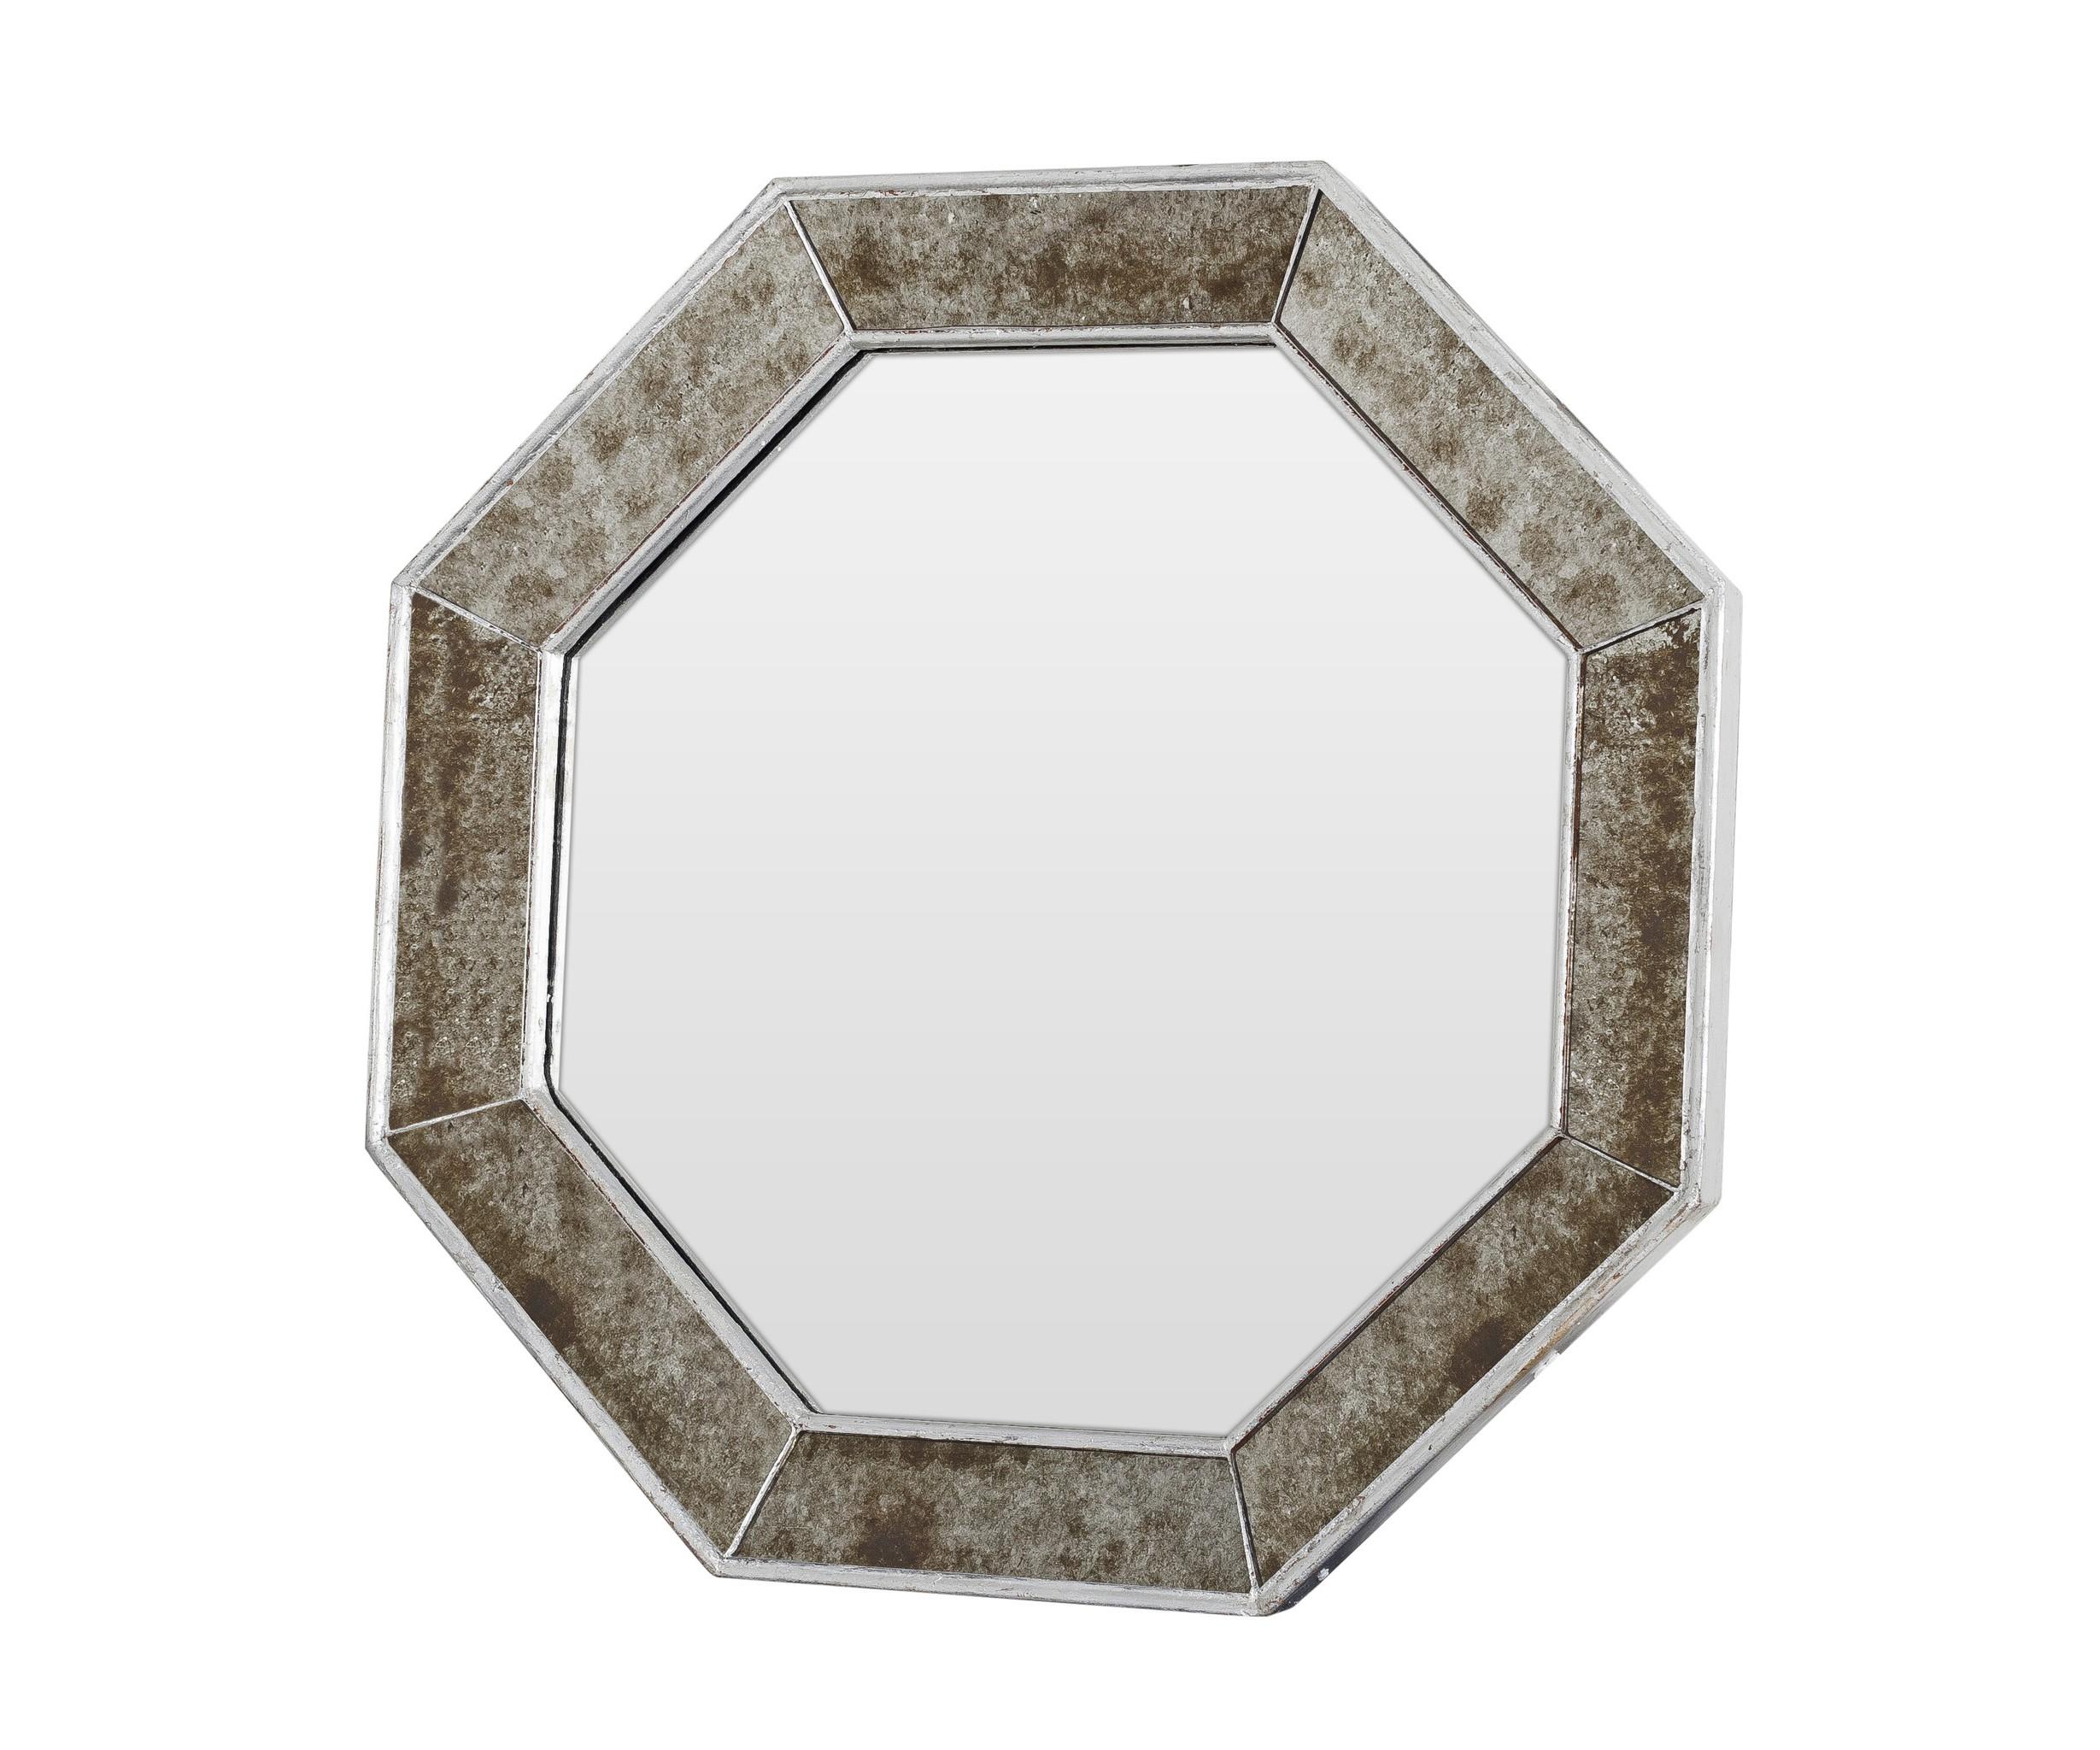 Зеркало ручной работы Старинное серебро (вогнуто внутрь)Настенные зеркала<br>Что отличает это зеркало от других? Душа, которую вложил его создатель в каждую деталь. Руками лучших мастеров достигается удивительный эффект состаривания боковых зеркал, благодаря которому этот дизайнерский предмет выглядит как настоящая семейная реликвия. Необычная вогнутая форма изделия поражает воображение. Зеркало «Старинное серебро» станет настоящим украшением интерьера вашего дома.&amp;amp;nbsp;&amp;lt;div&amp;gt;&amp;lt;br&amp;gt;&amp;lt;/div&amp;gt;&amp;lt;div&amp;gt;Материалы: основа - массив дерева; рама - натуральное дерево, состаренное зеркало серебряной амальгамы; зеркальное полотно - классическое зеркало серебряной амальгамы.&amp;lt;/div&amp;gt;<br><br>Material: Дерево<br>Ширина см: 58.0<br>Высота см: 58.0<br>Глубина см: 4.0